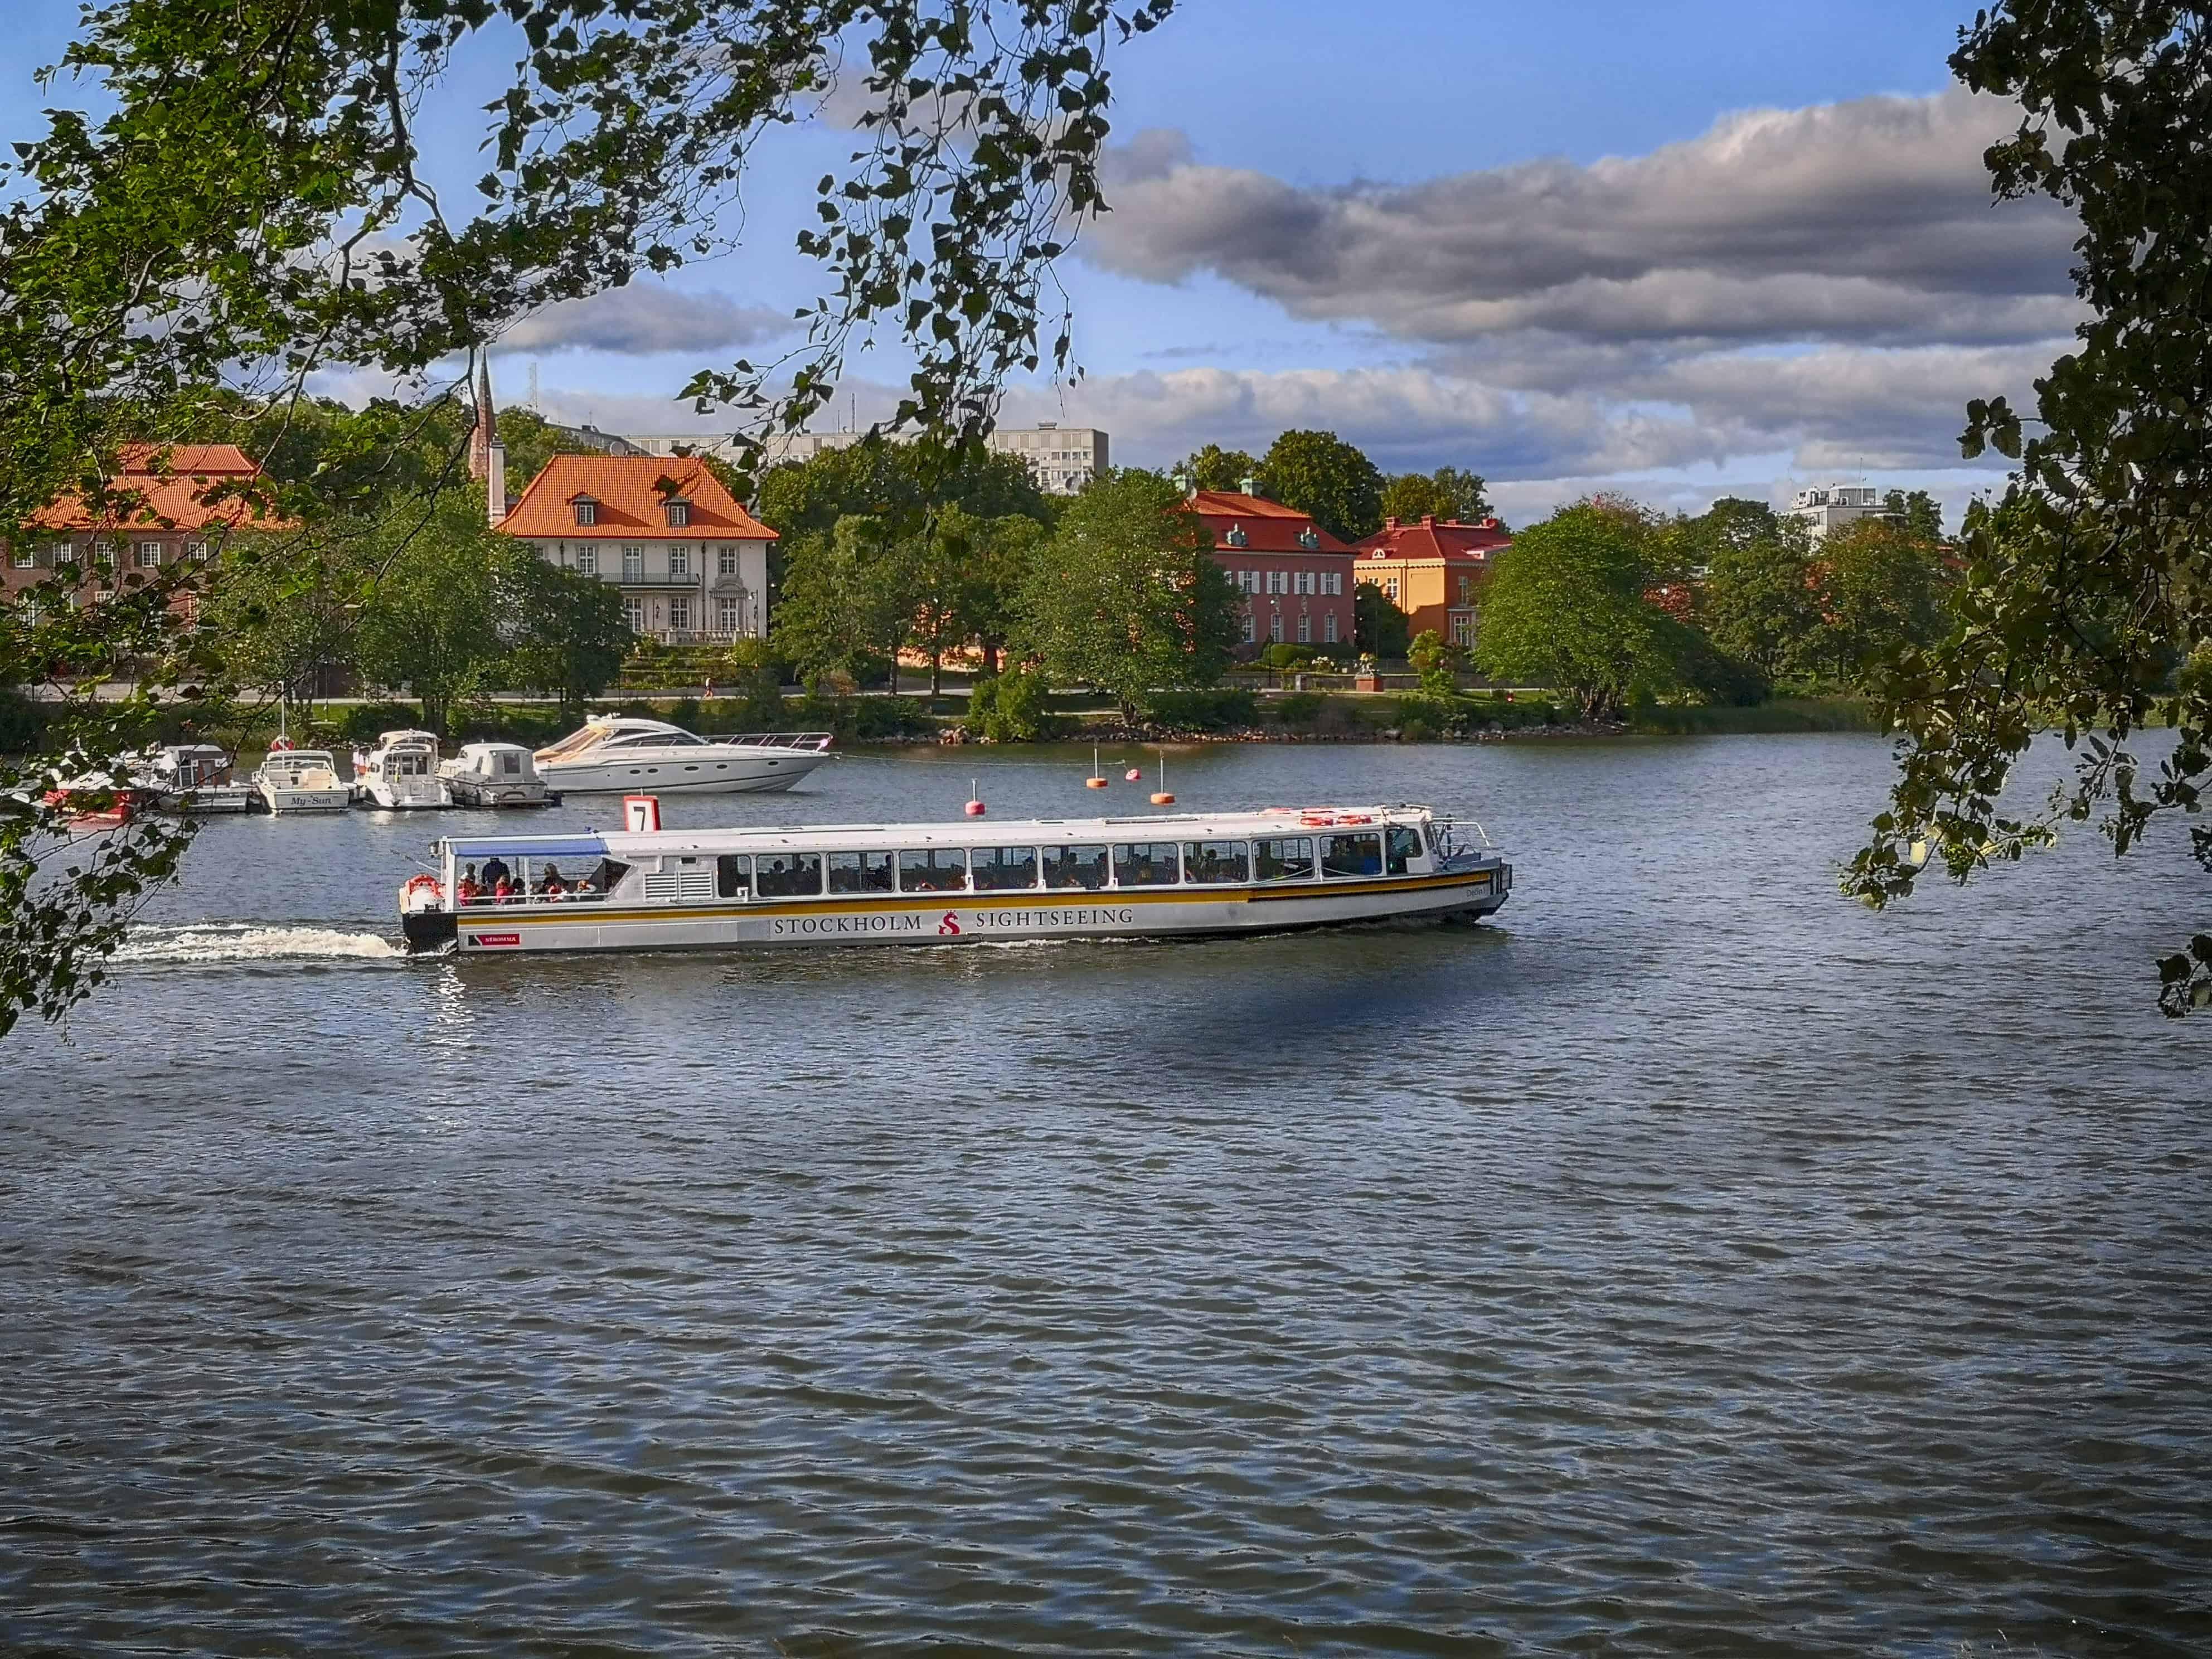 Φωτογραφίες από τα κανάλια της Στοκχόλμης